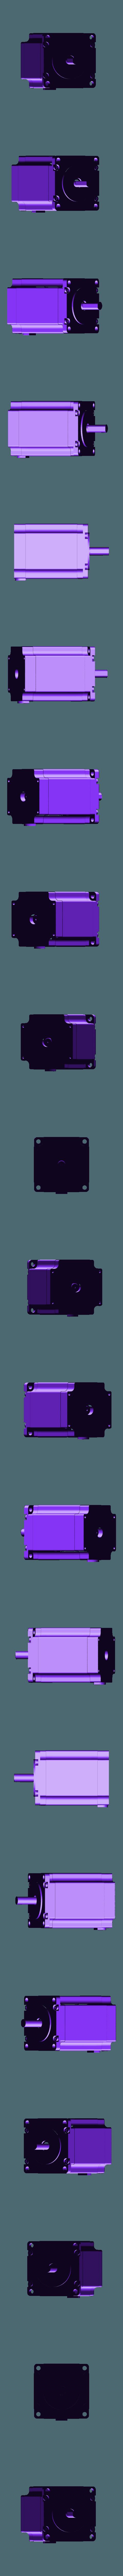 JK57HS76-2804-14.stl Download free STL file Stepper Motor JK57HS76-2804-14 Mock up model • 3D printable object, Job